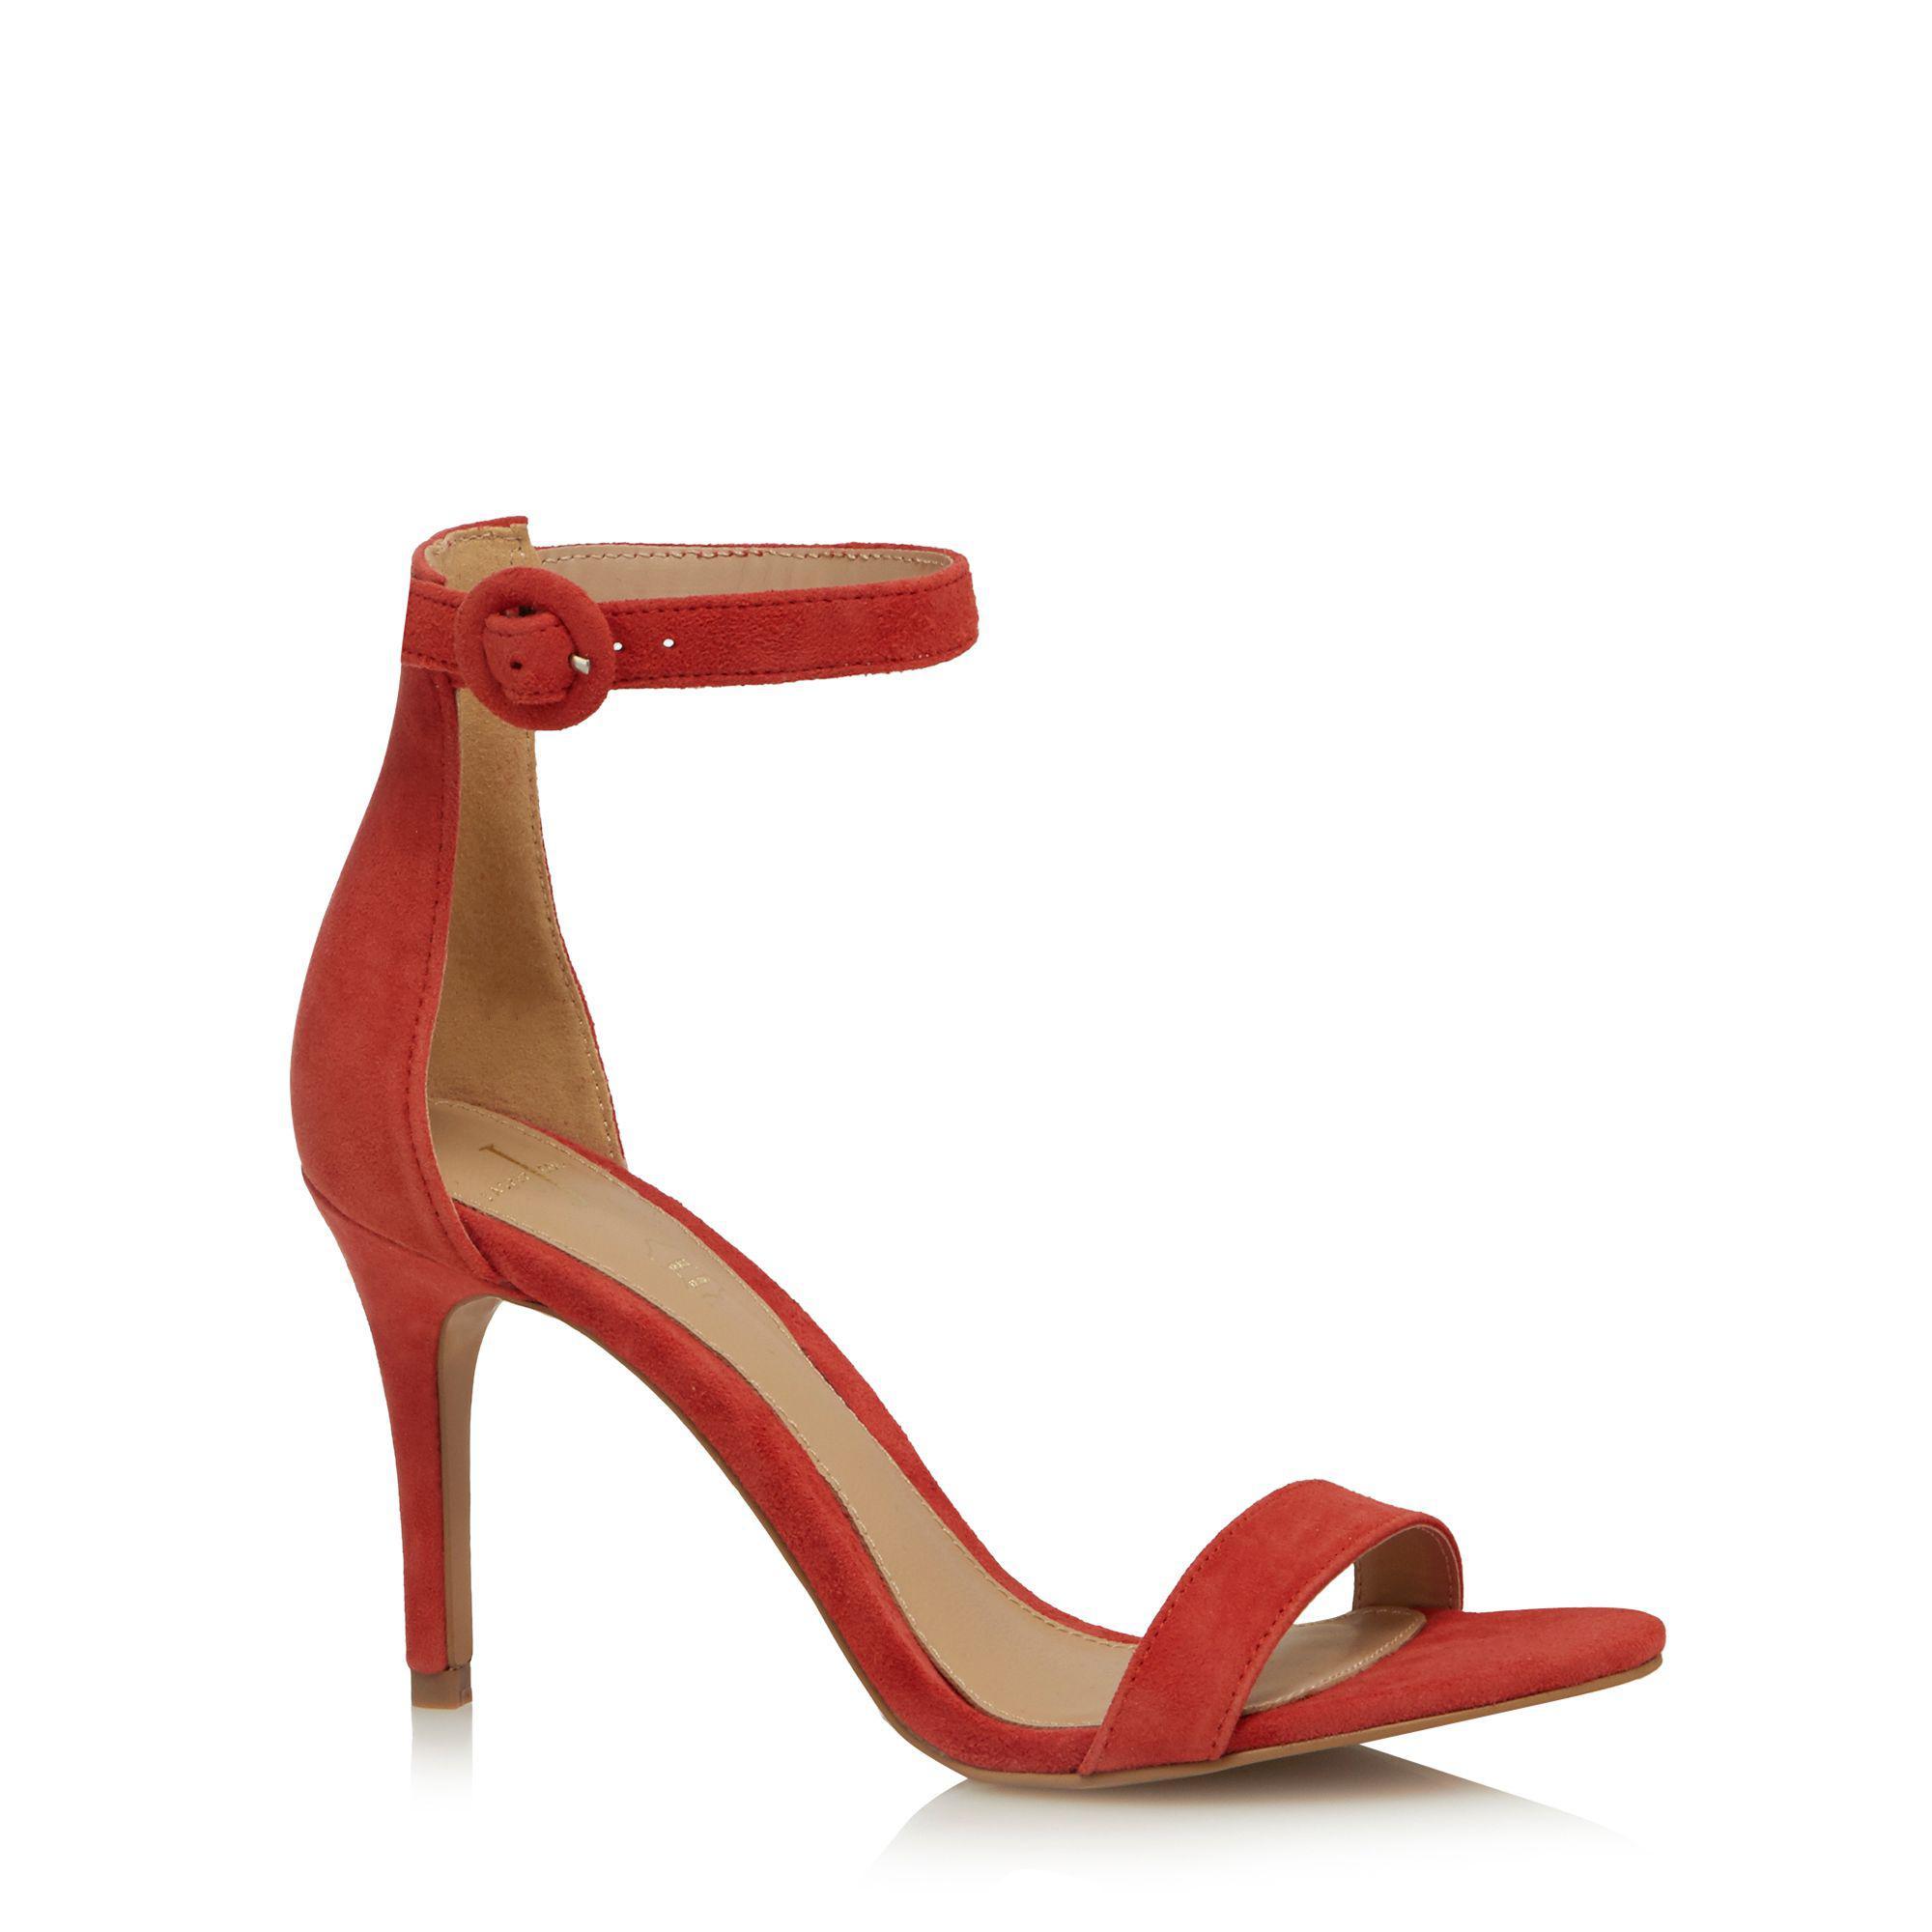 c265270bfb477c J By Jasper Conran Orange Leather  julissa  High Stiletto Heel Ankle ...